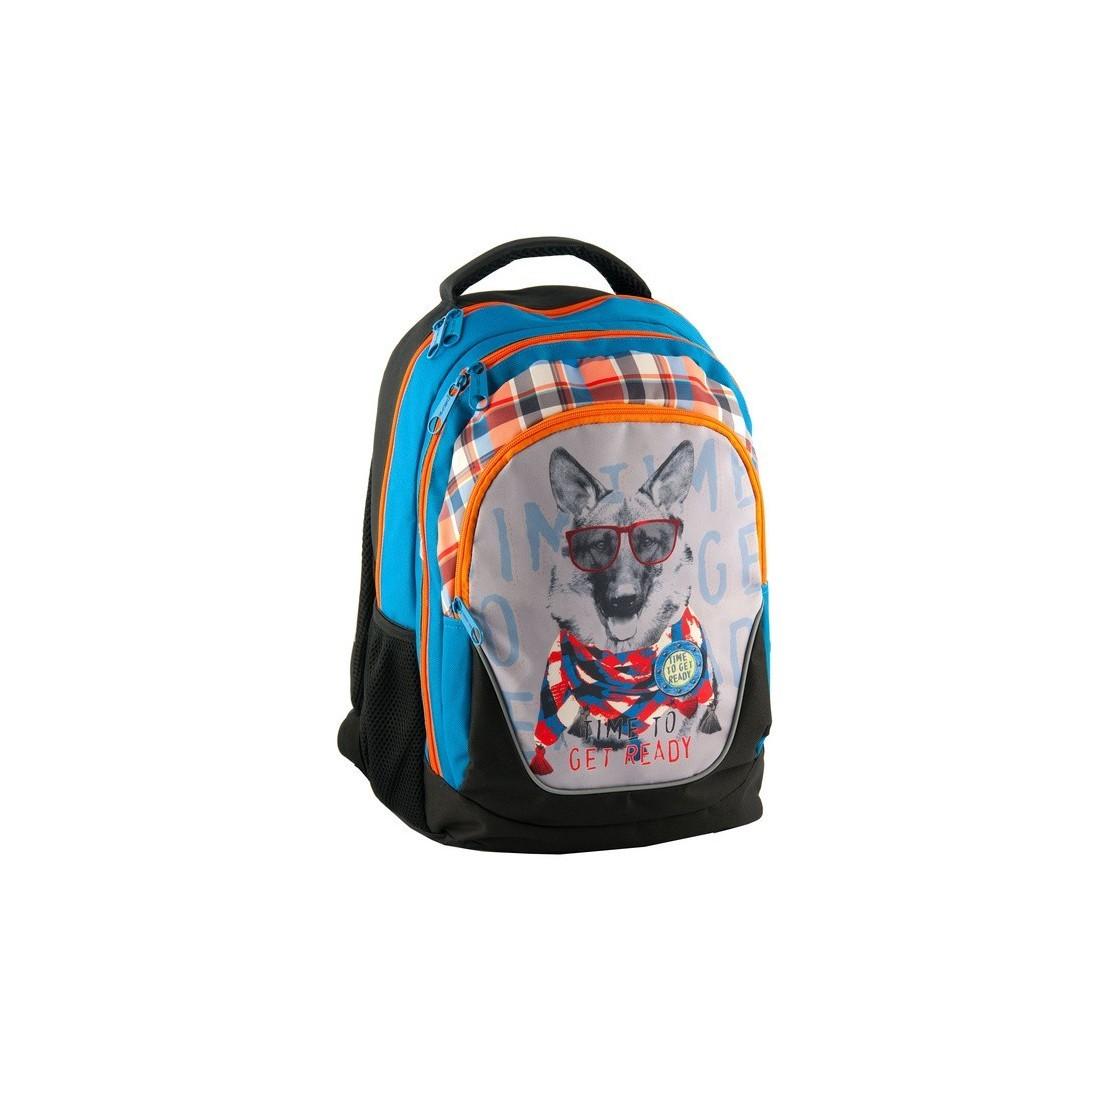 Plecak szkolny z psem w okularach - plecak-tornister.pl